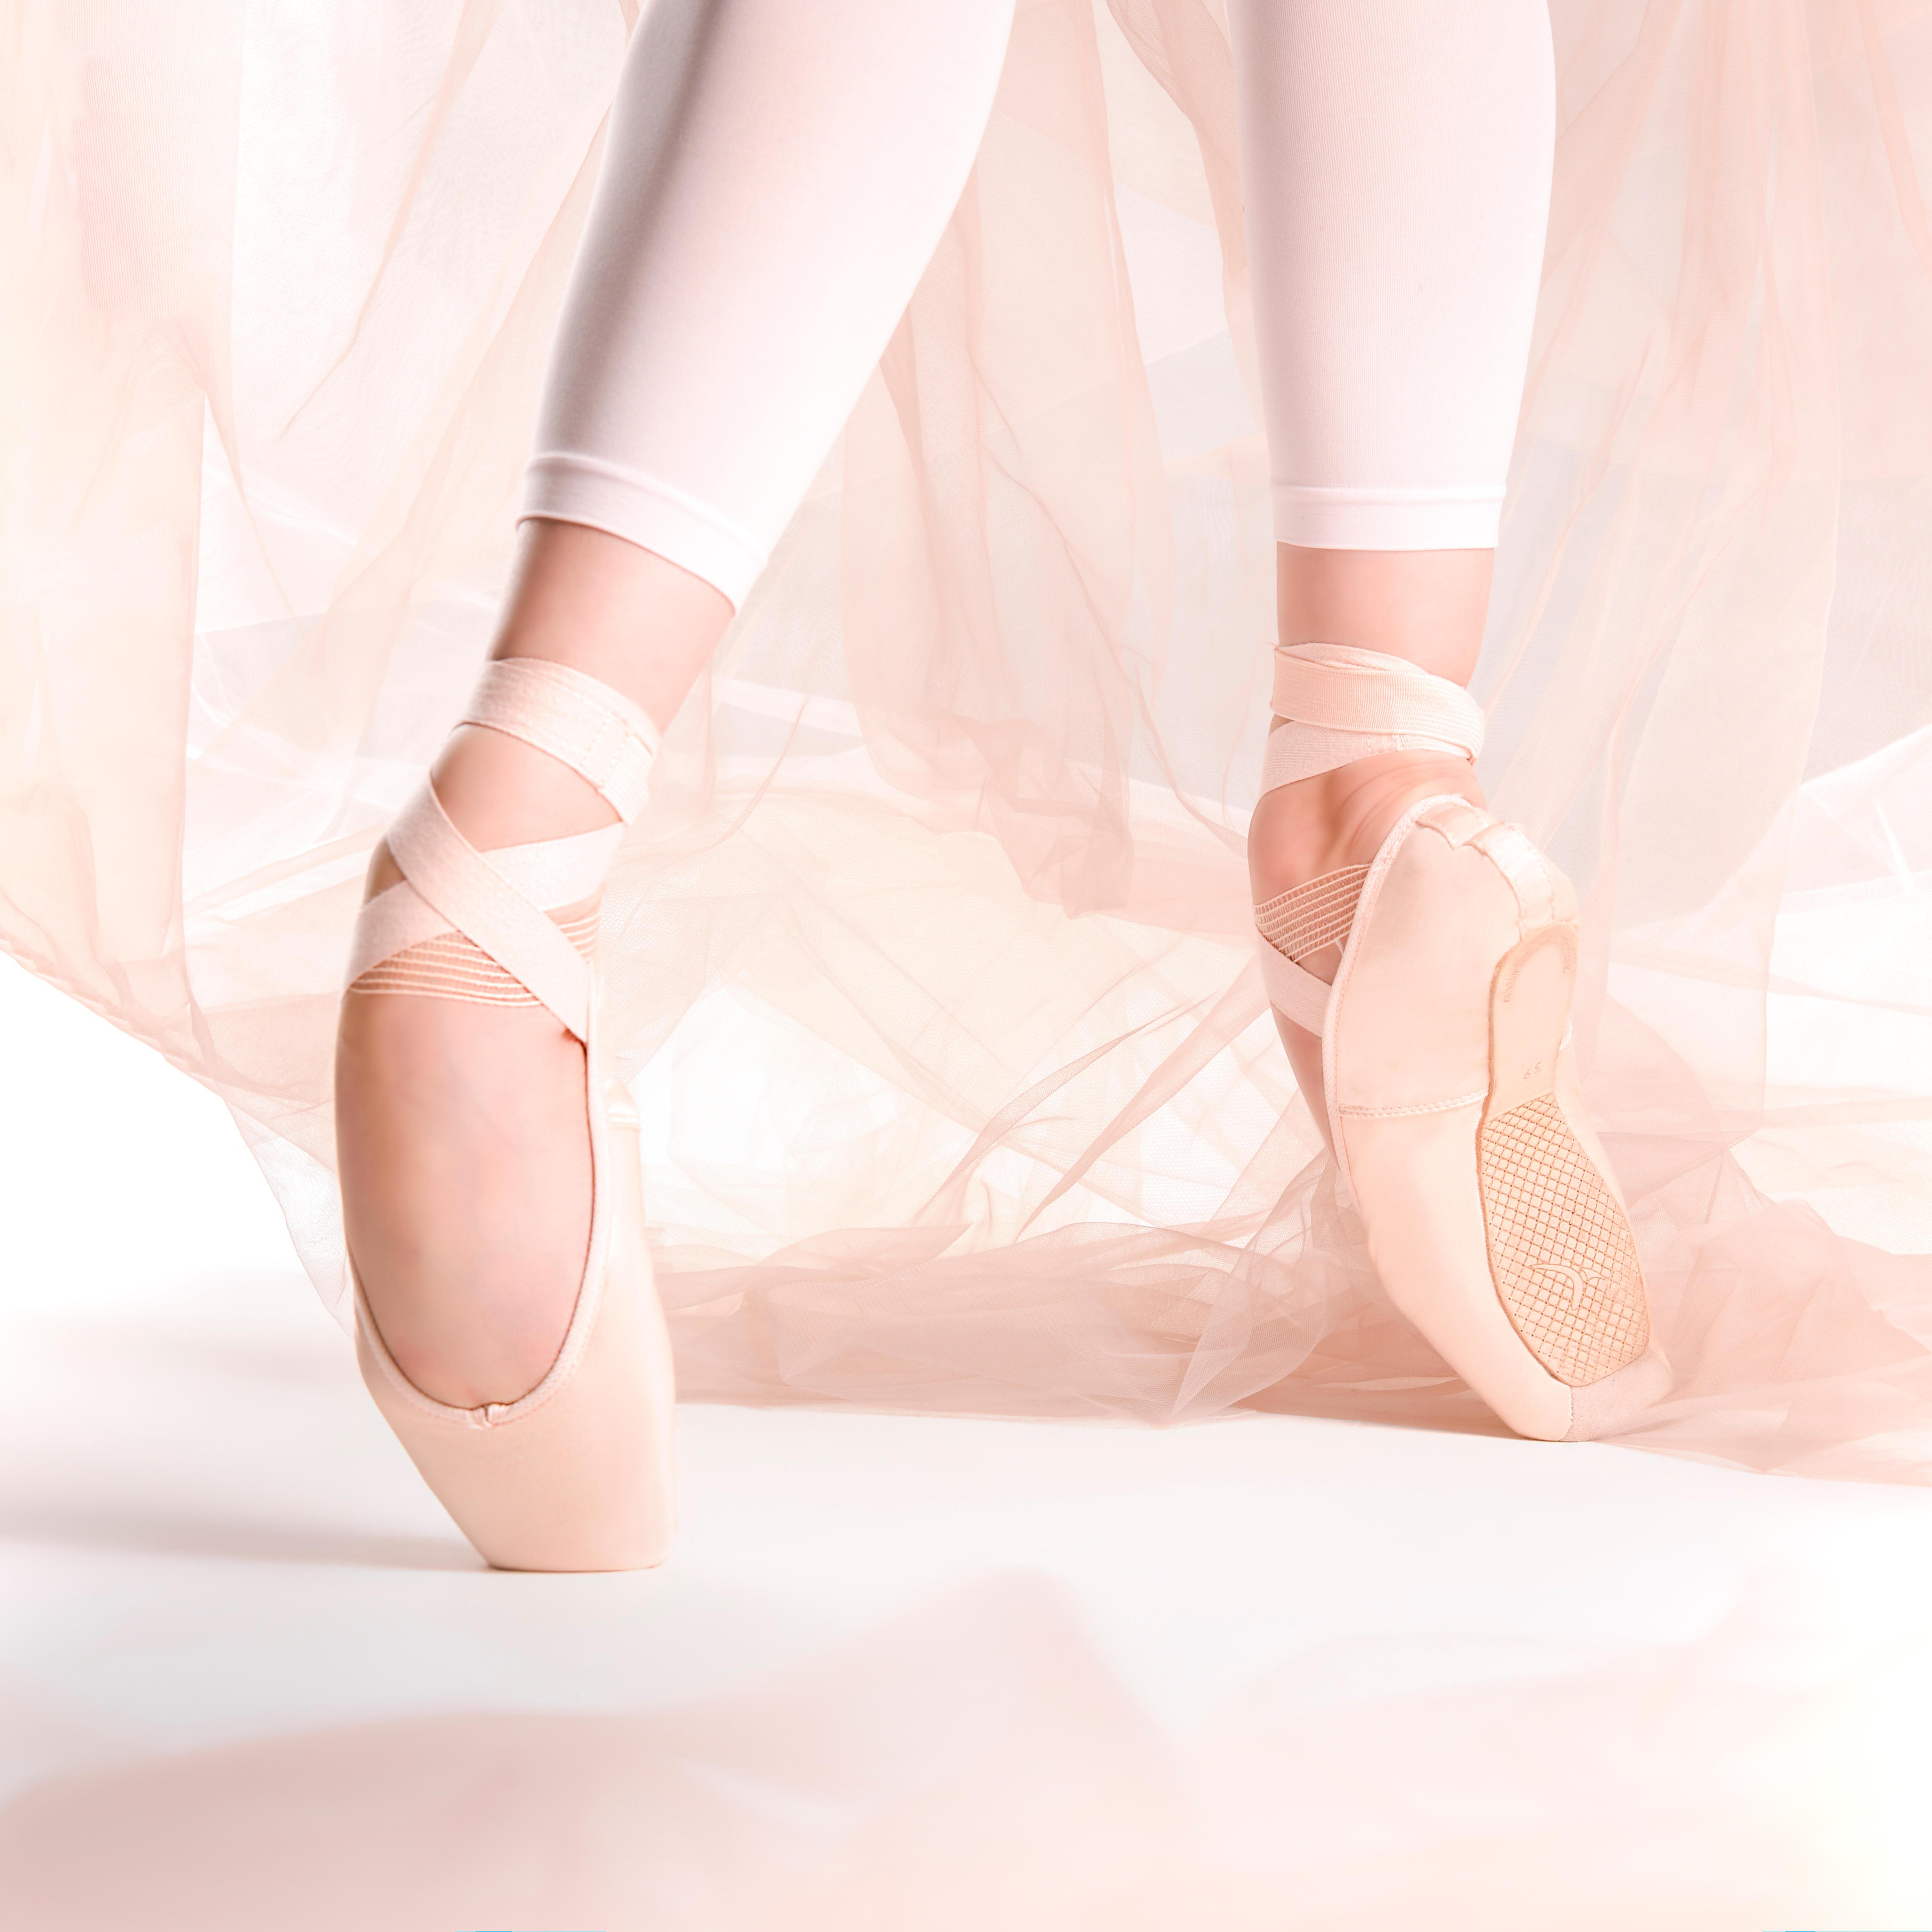 Baletki I Pointy Do Tanca Zamow W Sklepie Decathlon Pl